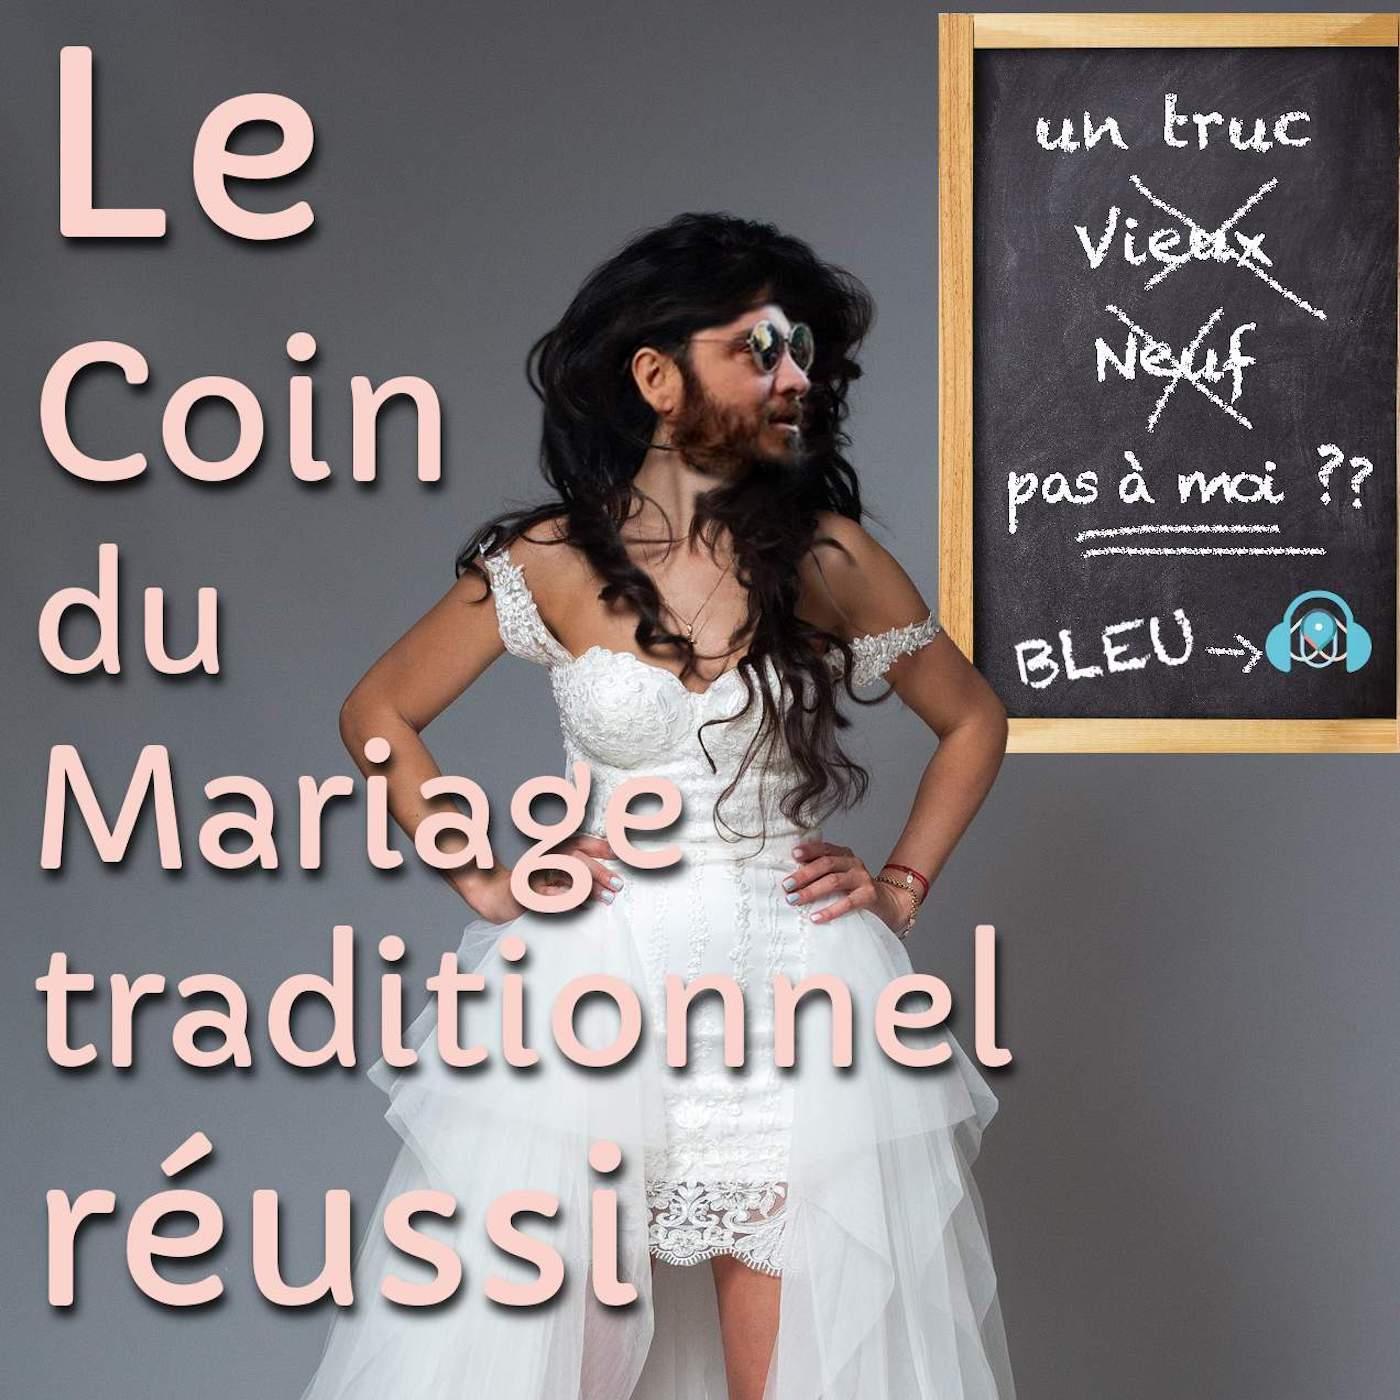 LE COIN DU MARIAGE TRADITIONNEL RÉUSSI S1E29 - 18+